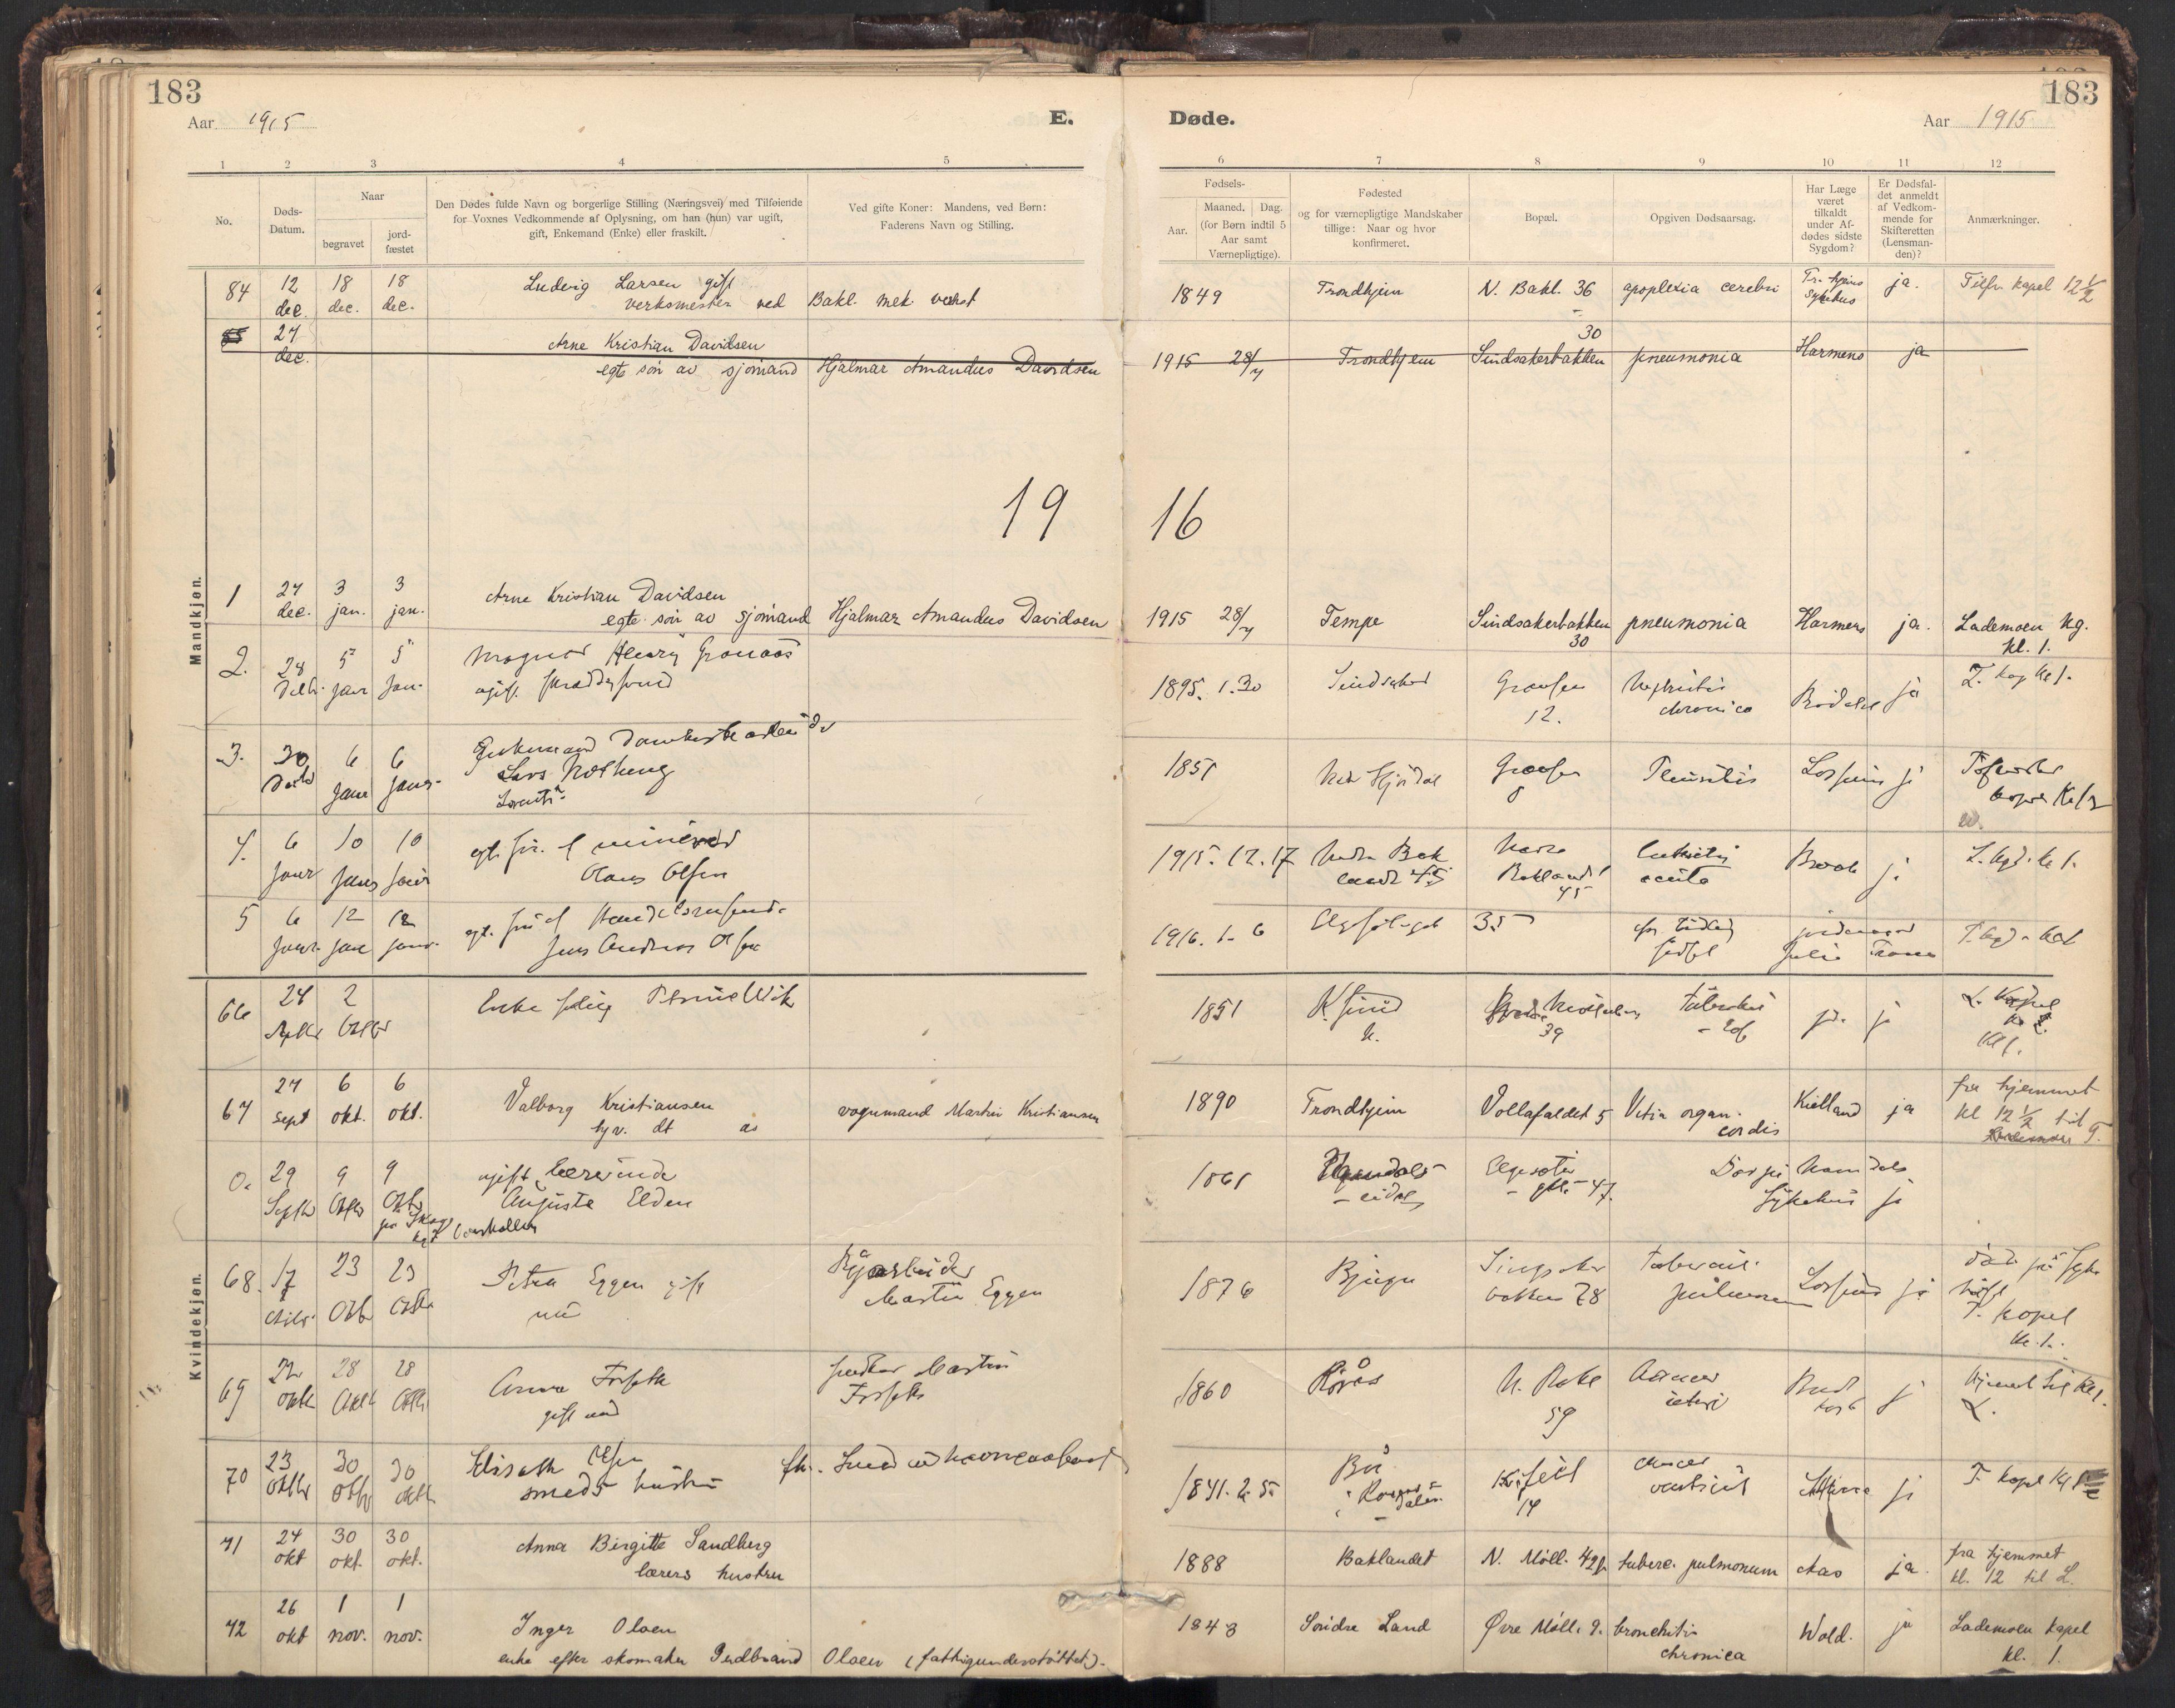 SAT, Ministerialprotokoller, klokkerbøker og fødselsregistre - Sør-Trøndelag, 604/L0204: Ministerialbok nr. 604A24, 1911-1920, s. 183